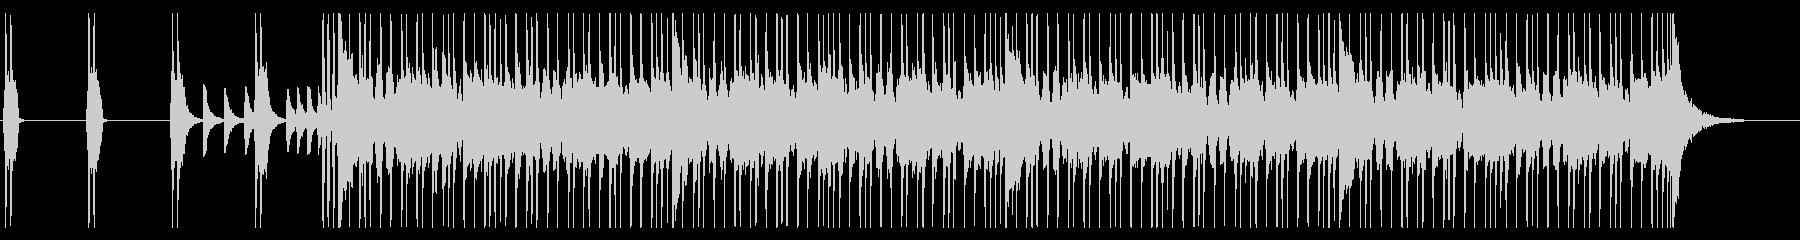 ロックギター、リフが繰り返されるBGM5の未再生の波形